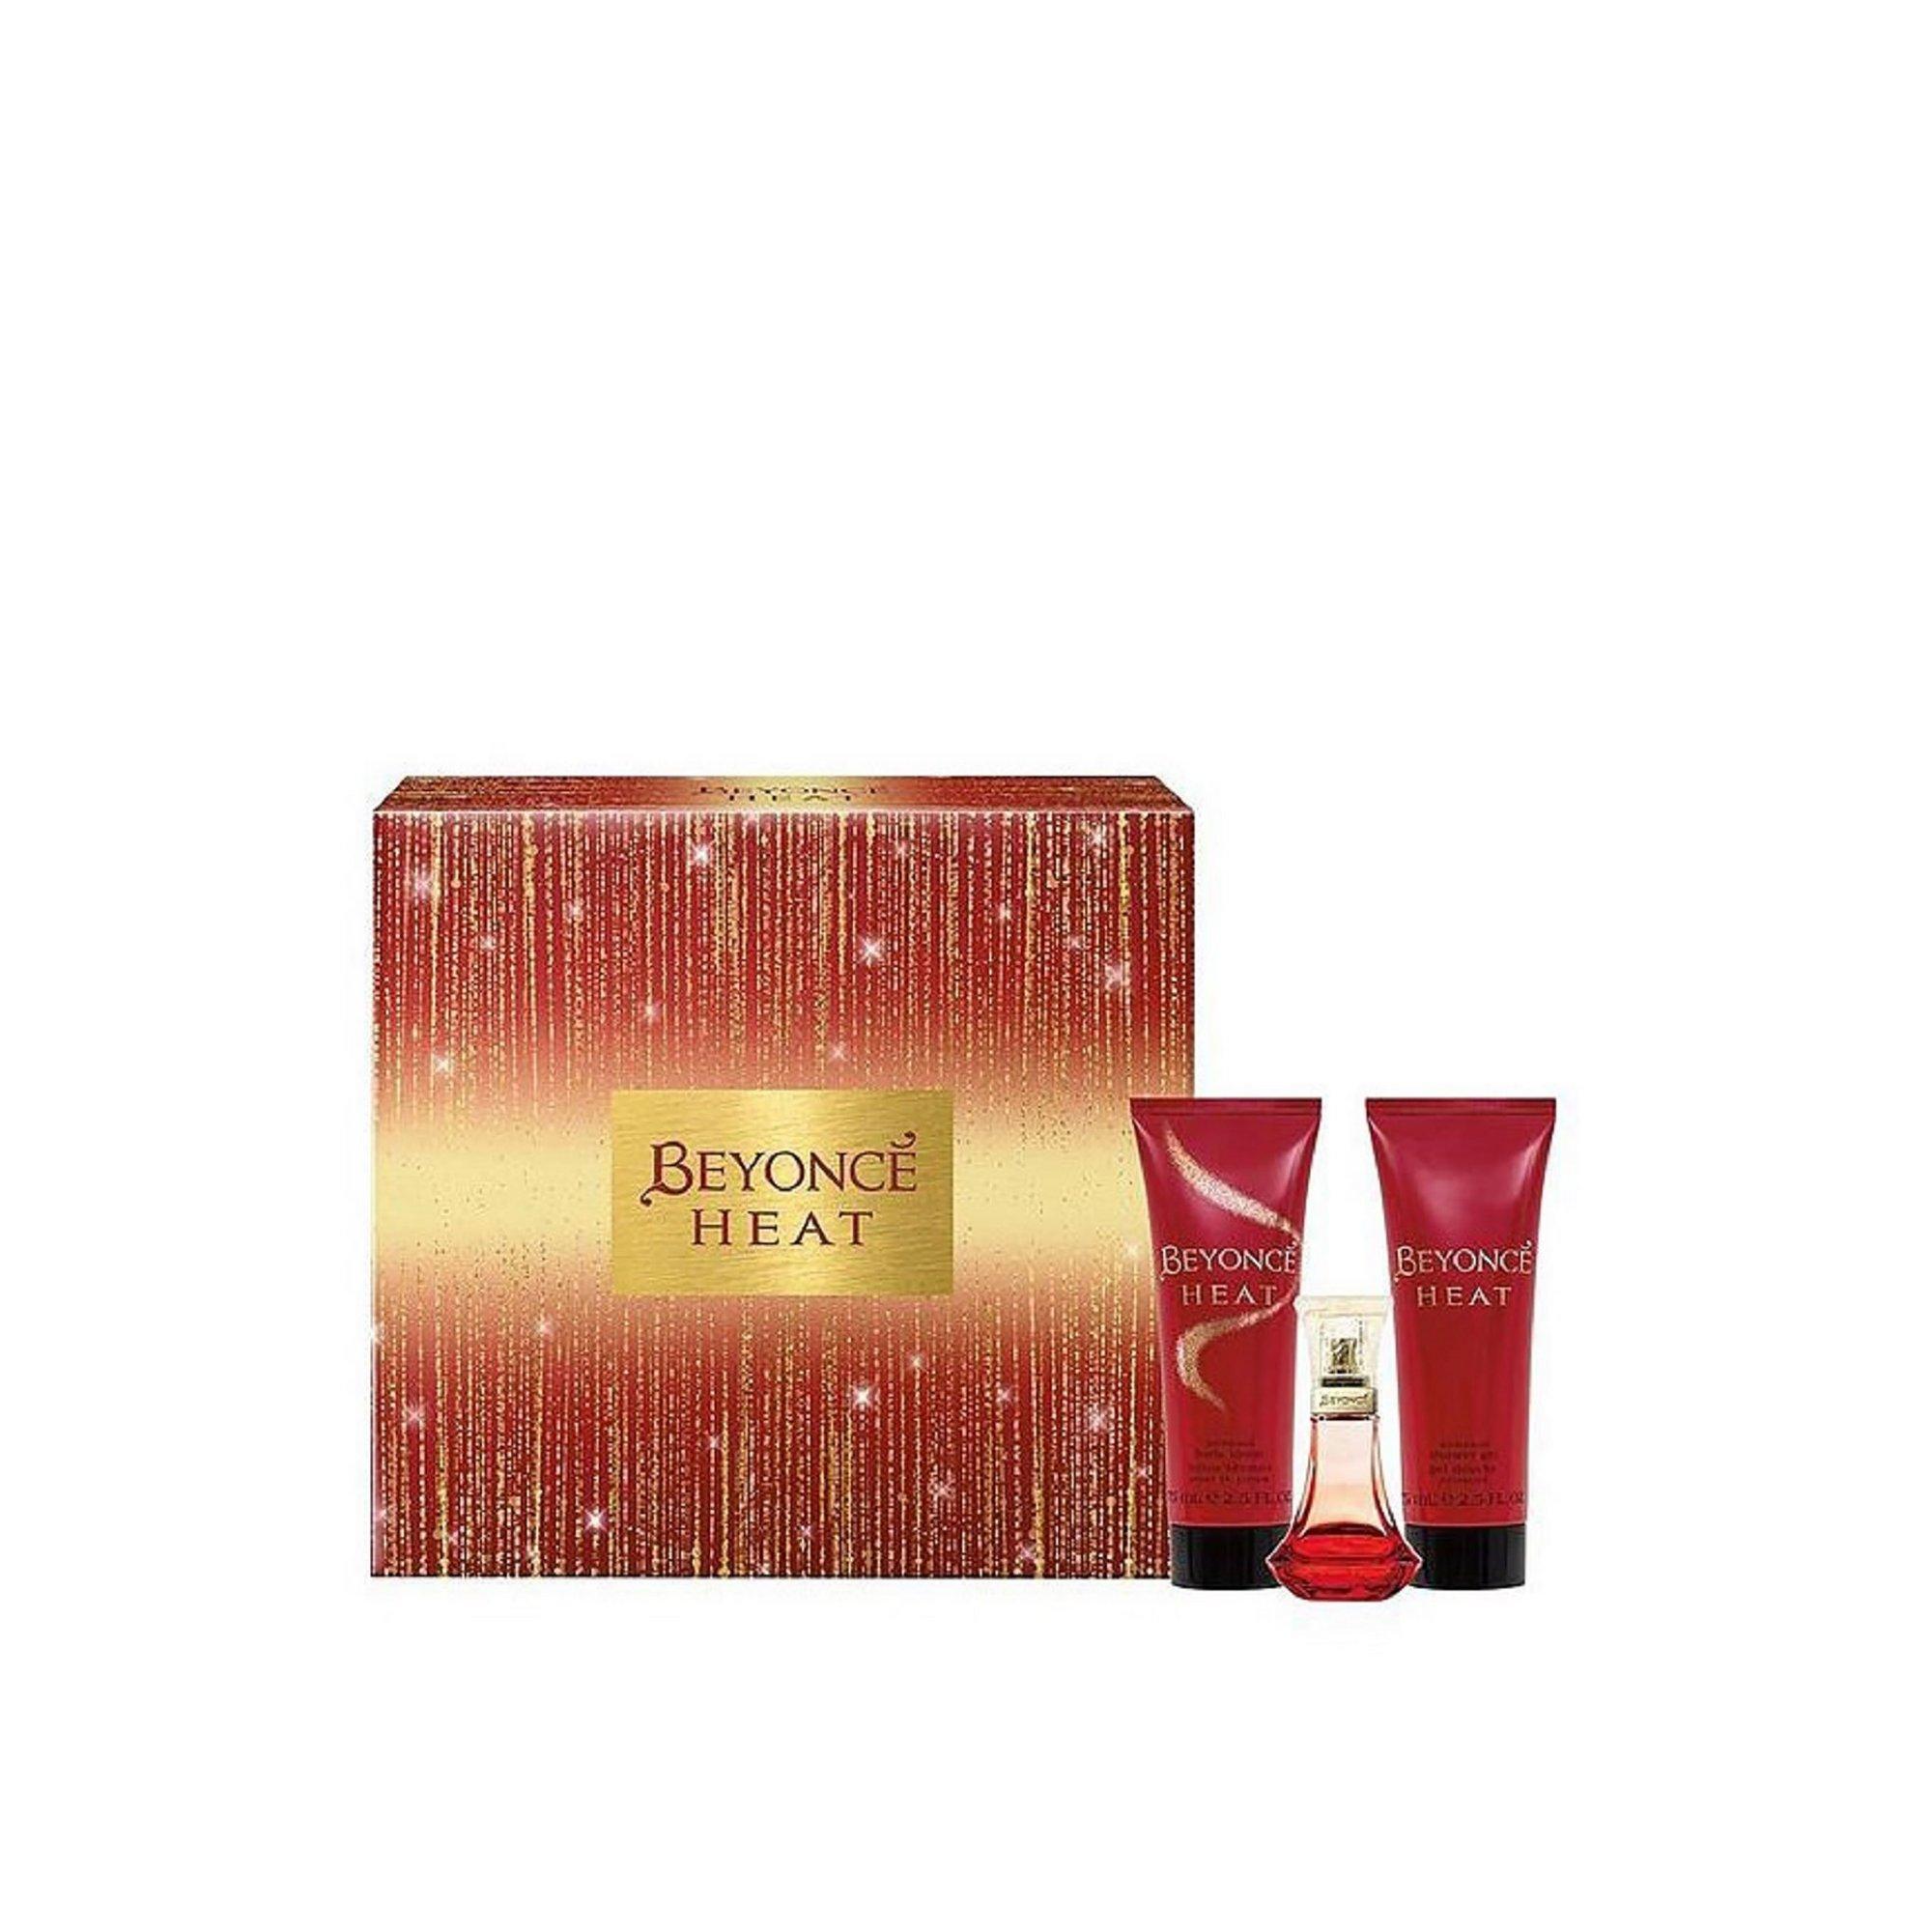 Image of Beyonce Heat Eau De Parfum Gift Set